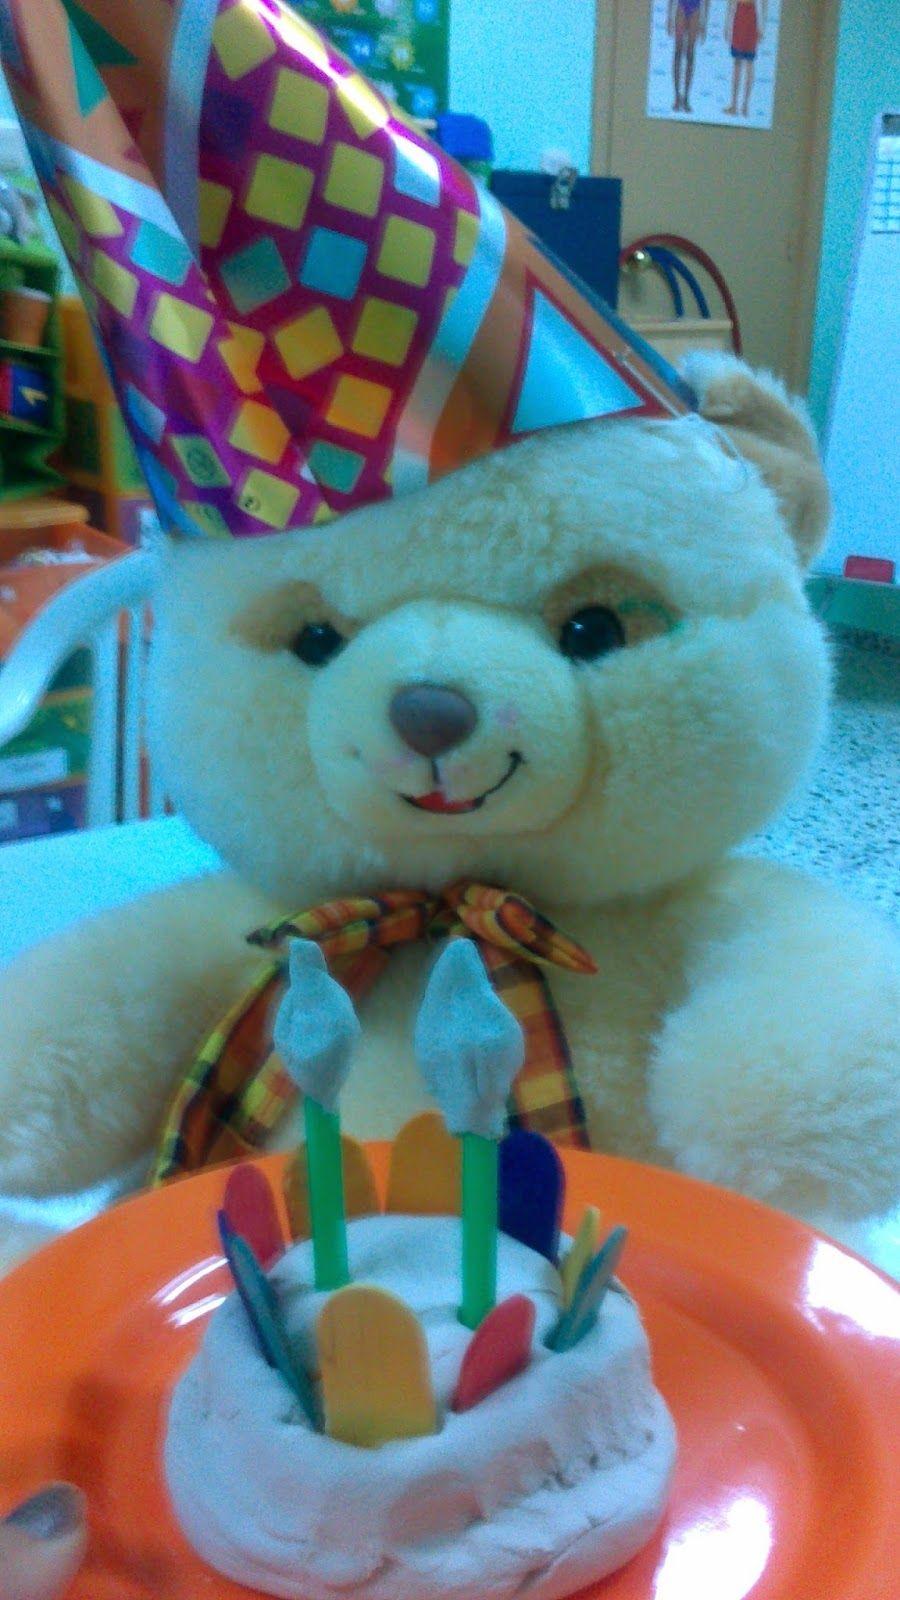 celebramos el cumpleaños de Pepito con juego simbólico. Sácale partido a la actividad en: http://www.trebolito.com/2014/05/celebramos-el-cumpleanos-de-pepito.html